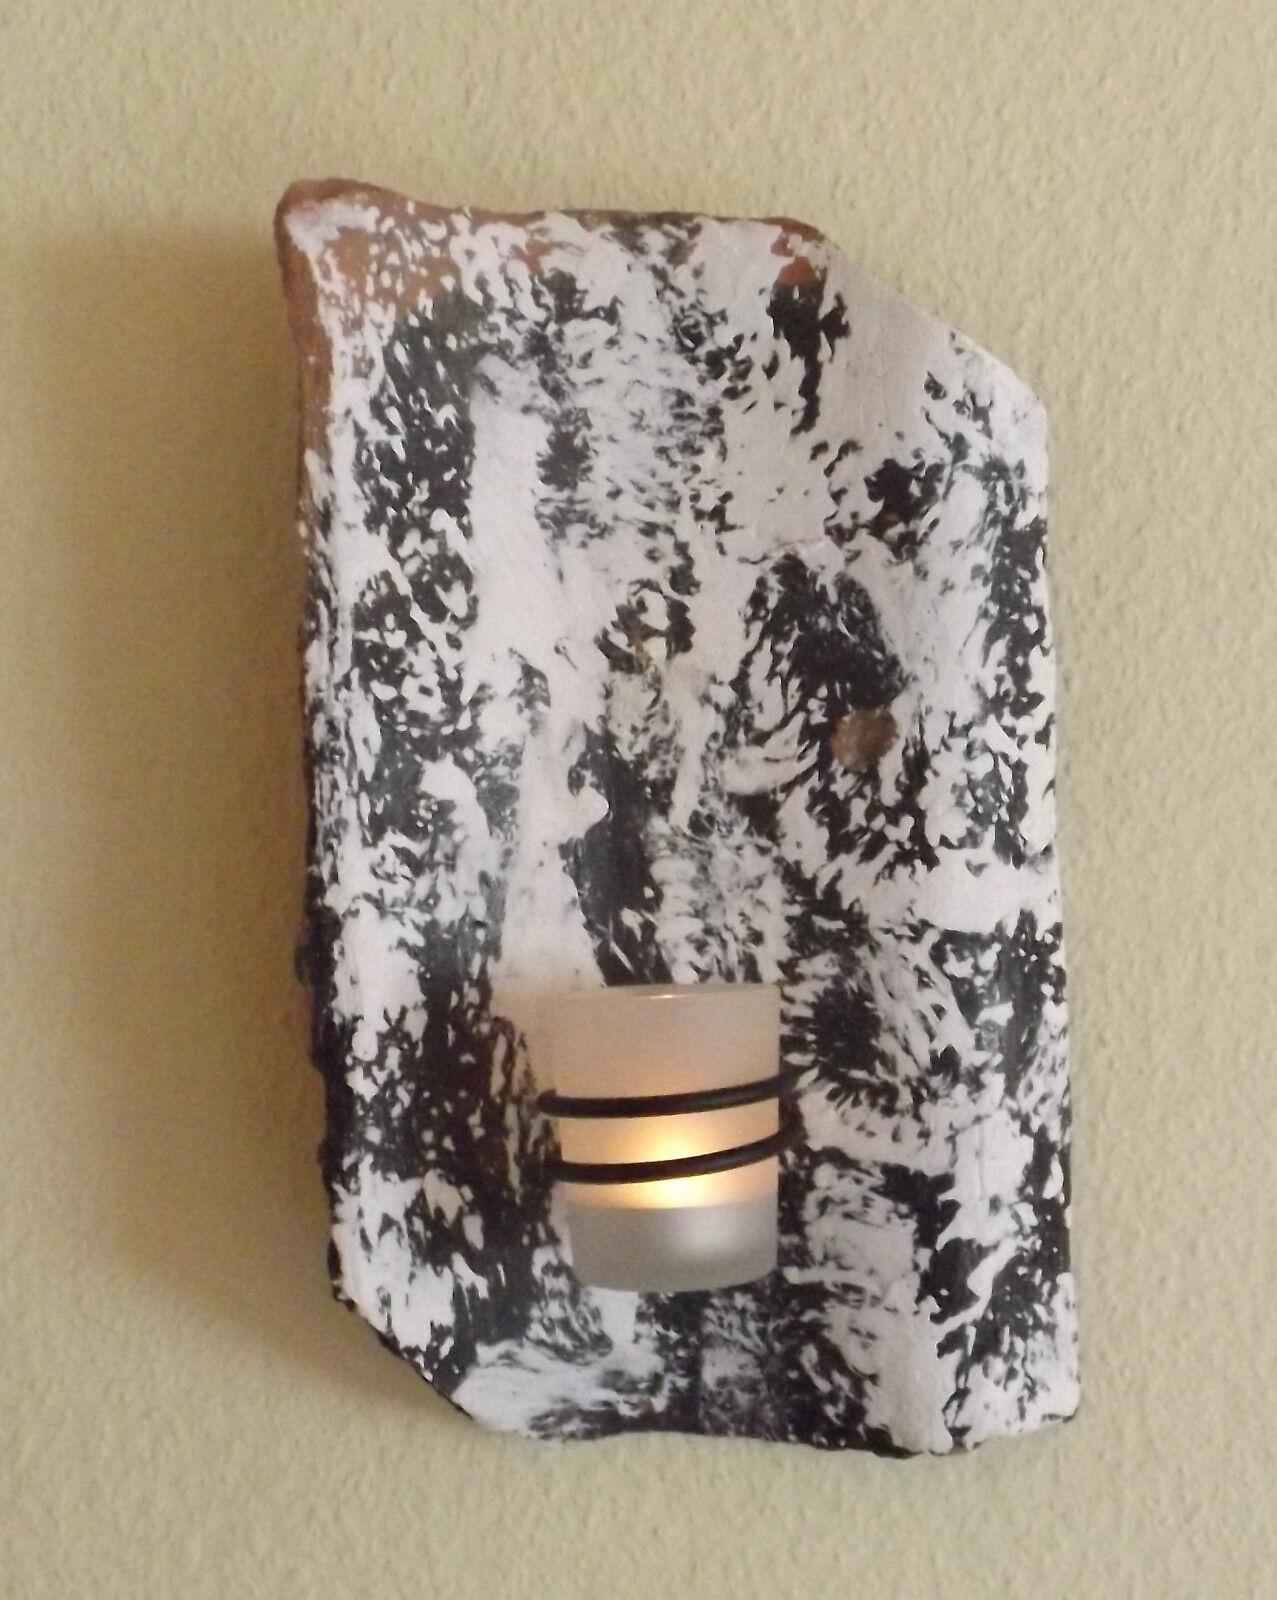 Wandkerzenhalter,Mia, Wandkerzenhalter,Mia, Wandkerzenhalter,Mia, Teelichthalter Dachpfanne Antik Marmoriert Teelichtglas, | Bekannt für seine hervorragende Qualität  abe027